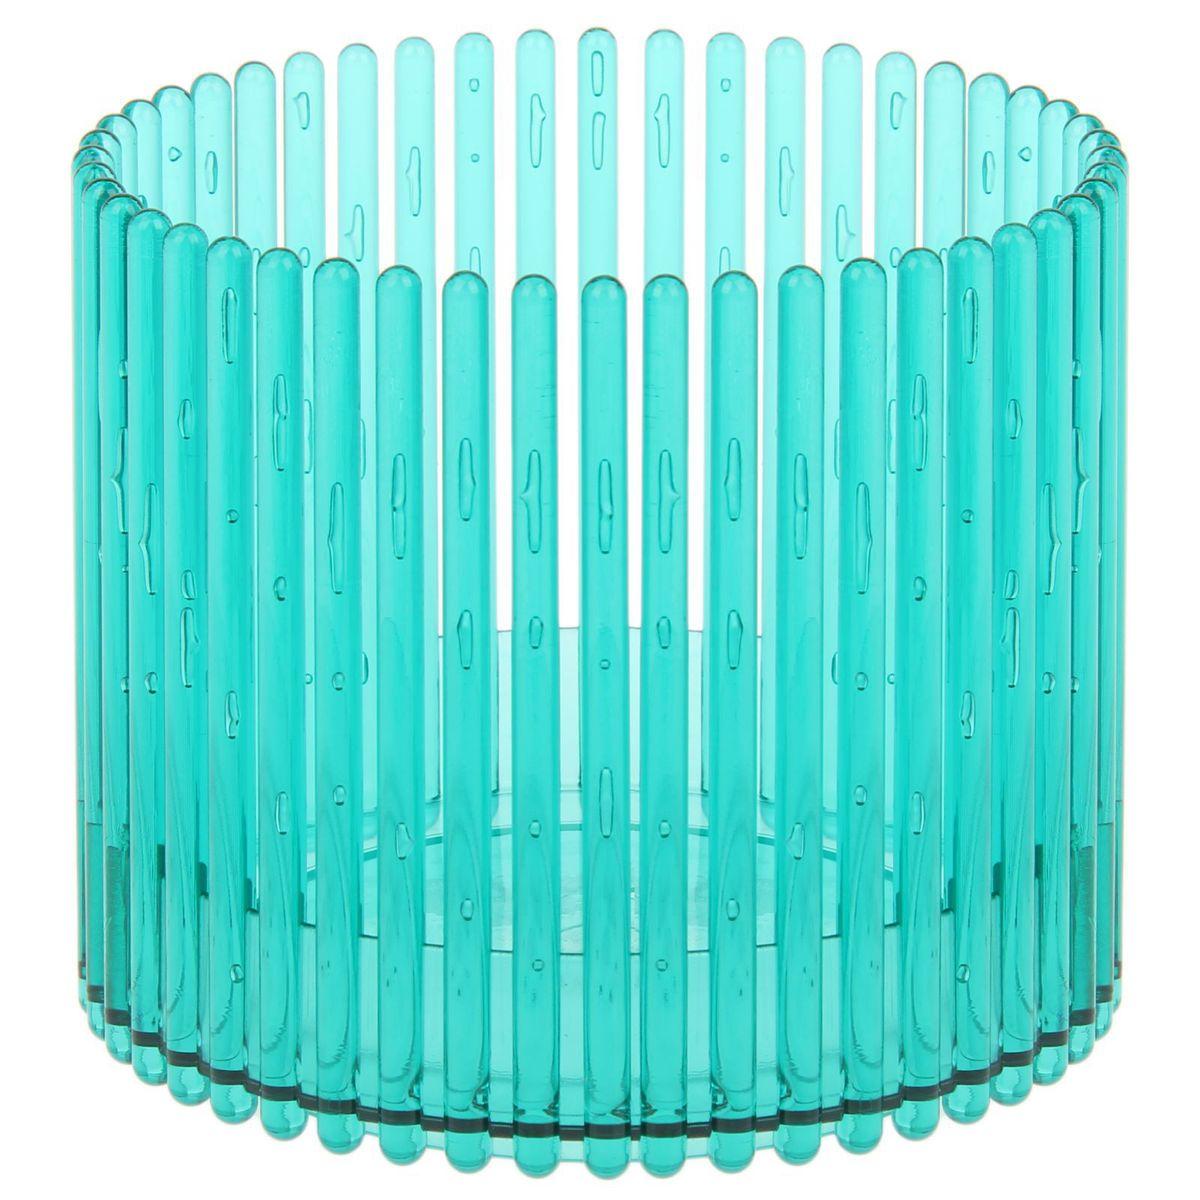 Кашпо JetPlast Шарм, цвет: зеленый, 14 x 12 см4612754051106Кашпо Шарм изготовлено из поликарбоната. Изделие имеет уникальную конструкцию: бортик в нижней части кашпо дает возможность создания у корней орхидеи благоприятную влажность, а сквозная конструкция стенок кашпо дает возможность беспрепятственному проникновению света на корни растения и их вентиляцию. Стильный яркий дизайн сделает такое кашпо отличным дополнением интерьера.